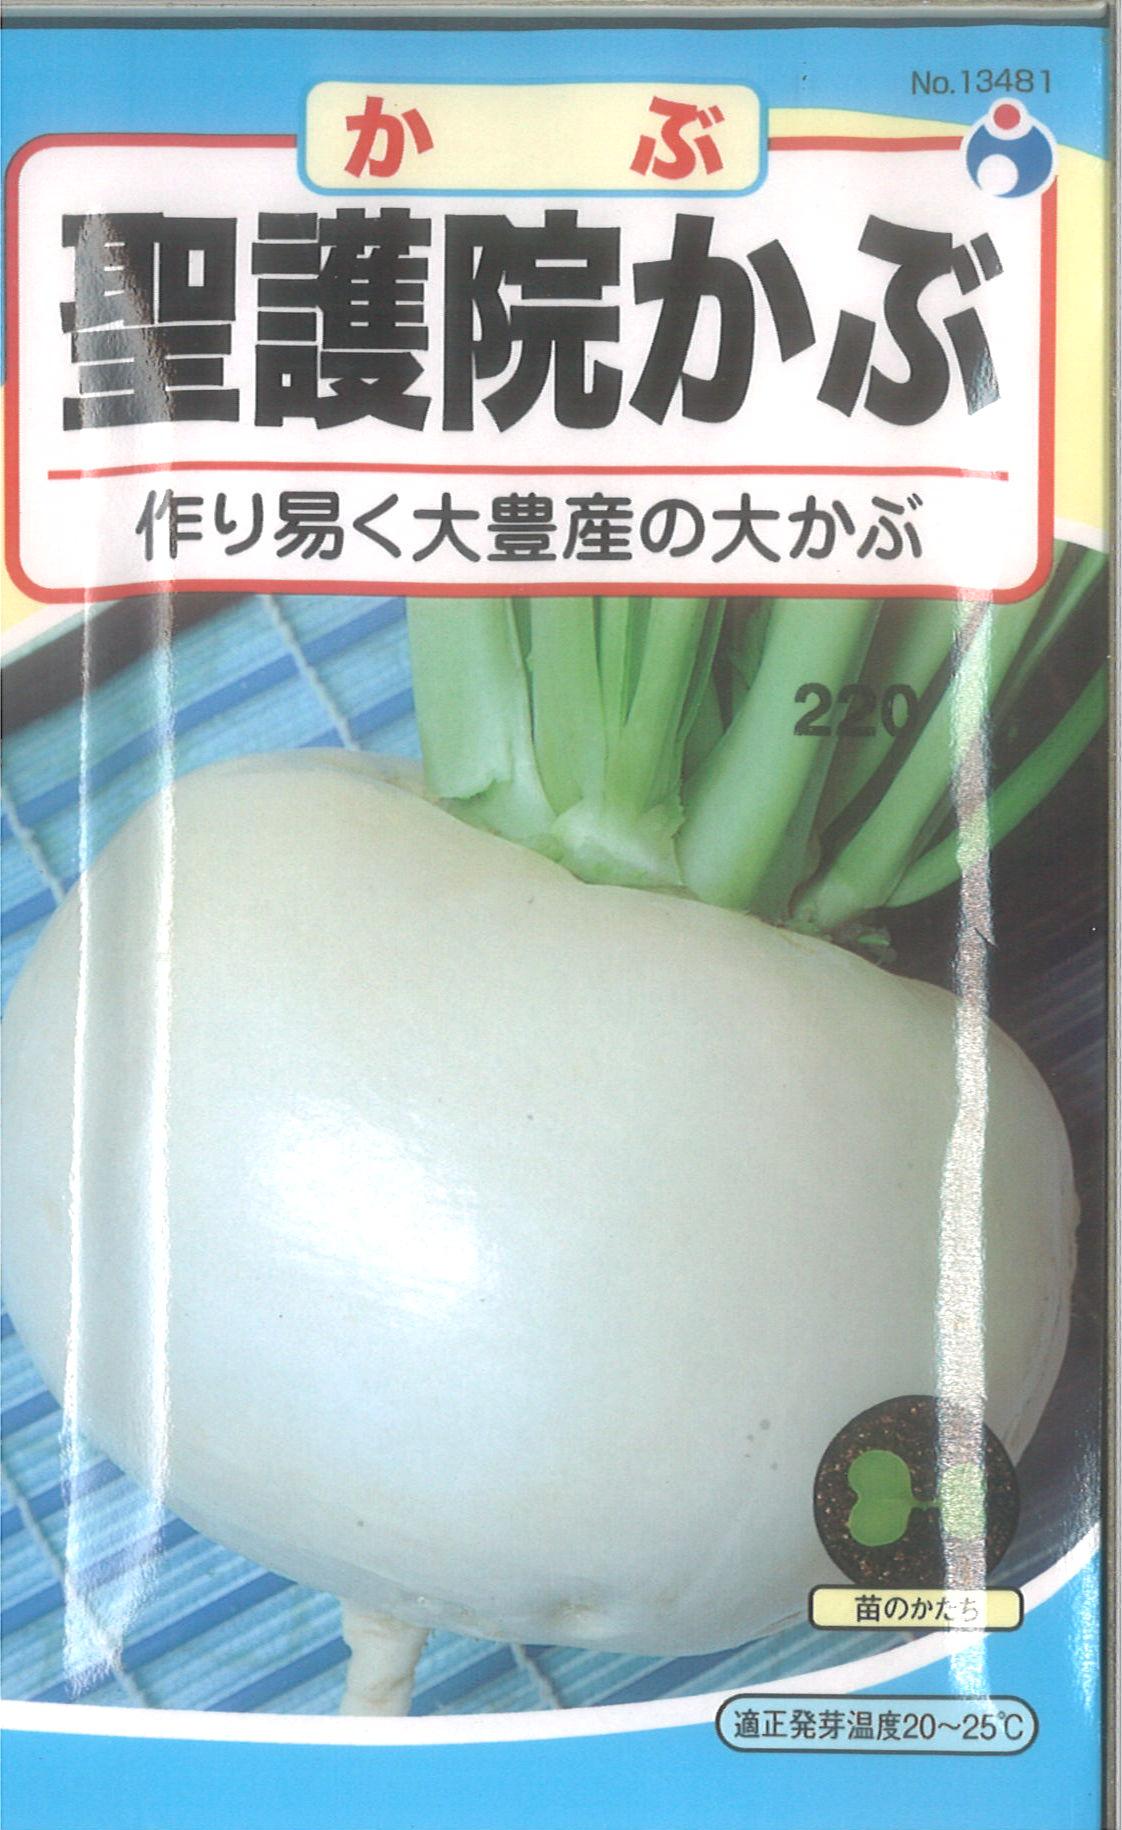 【代引不可】【5袋まで送料80円】 □ カブ 聖護院かぶ